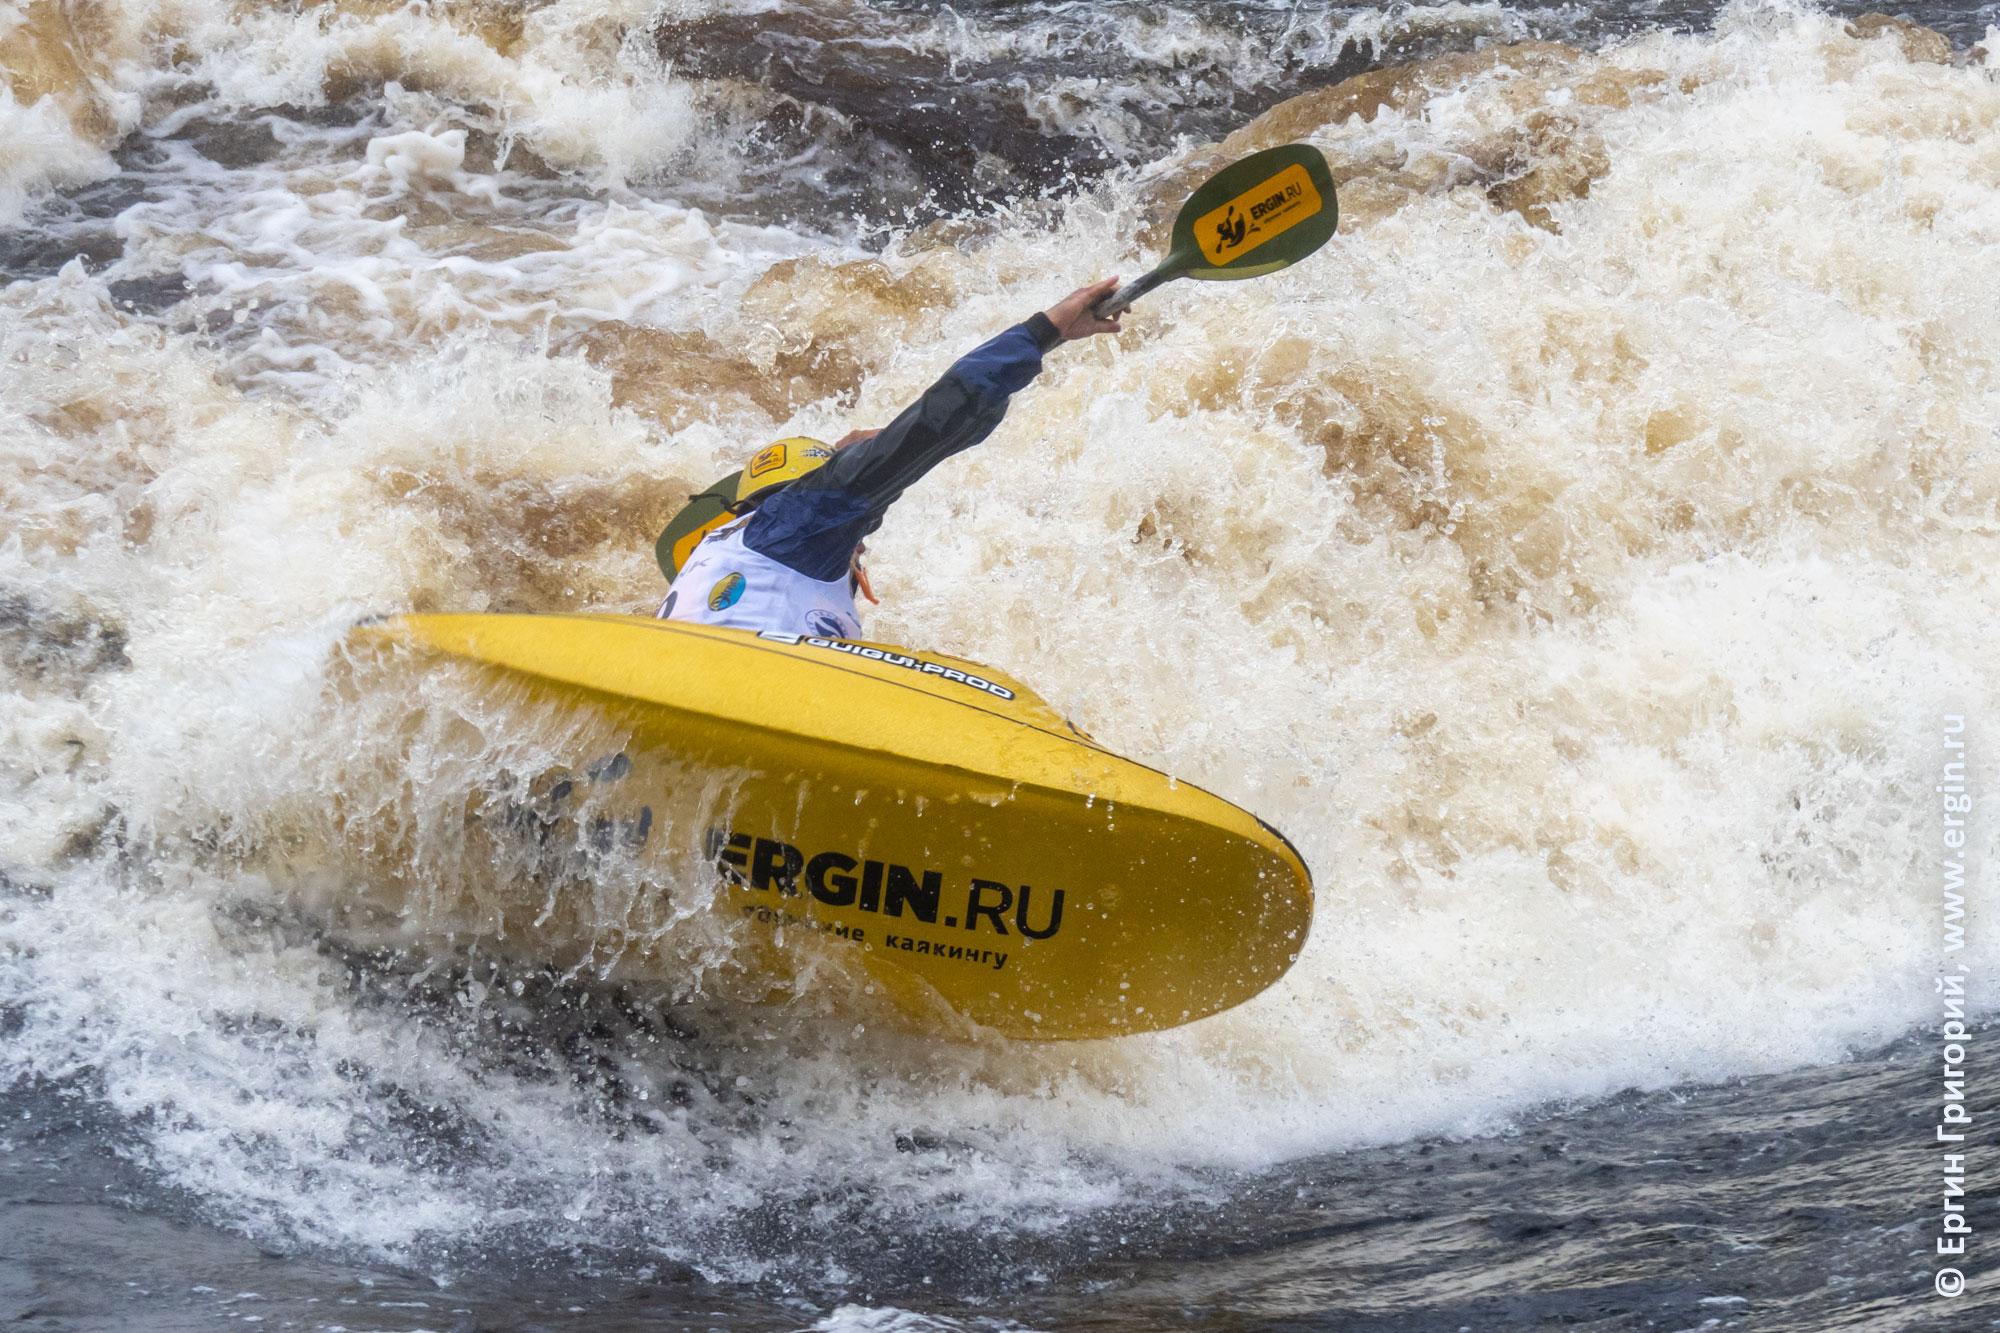 Ергин Григорий, выступление на Чемпионате России по фристайлу на бурной воде